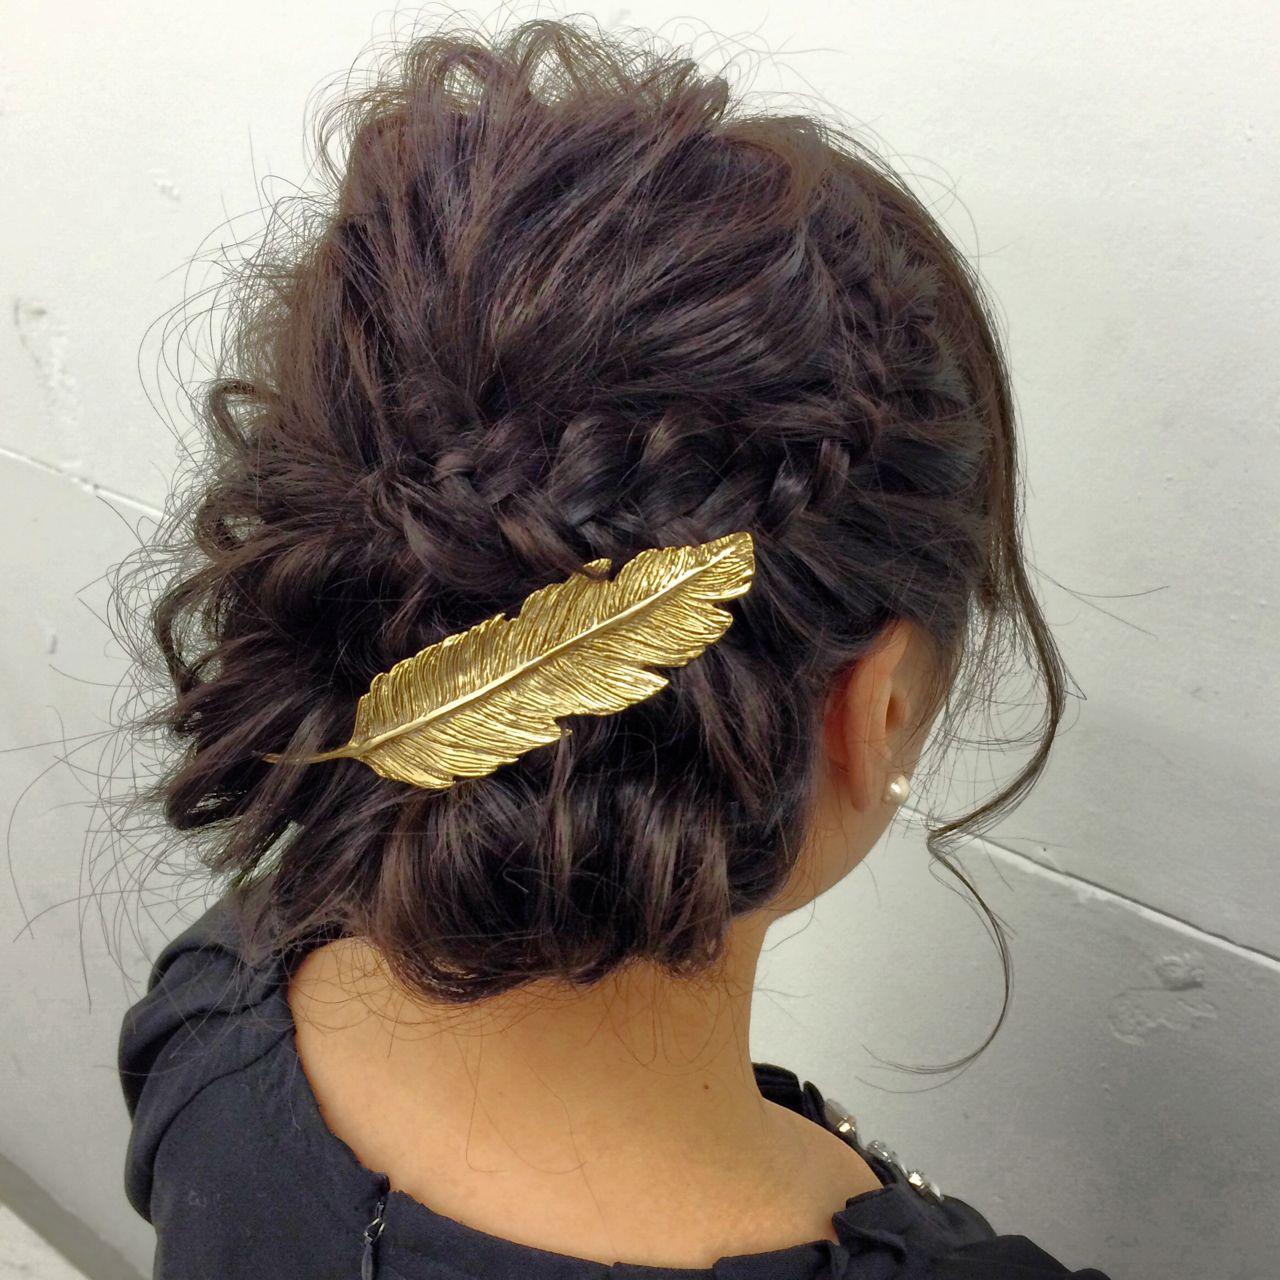 ゆるふわ フェミニン フィッシュボーン ヘアアレンジ ヘアスタイルや髪型の写真・画像